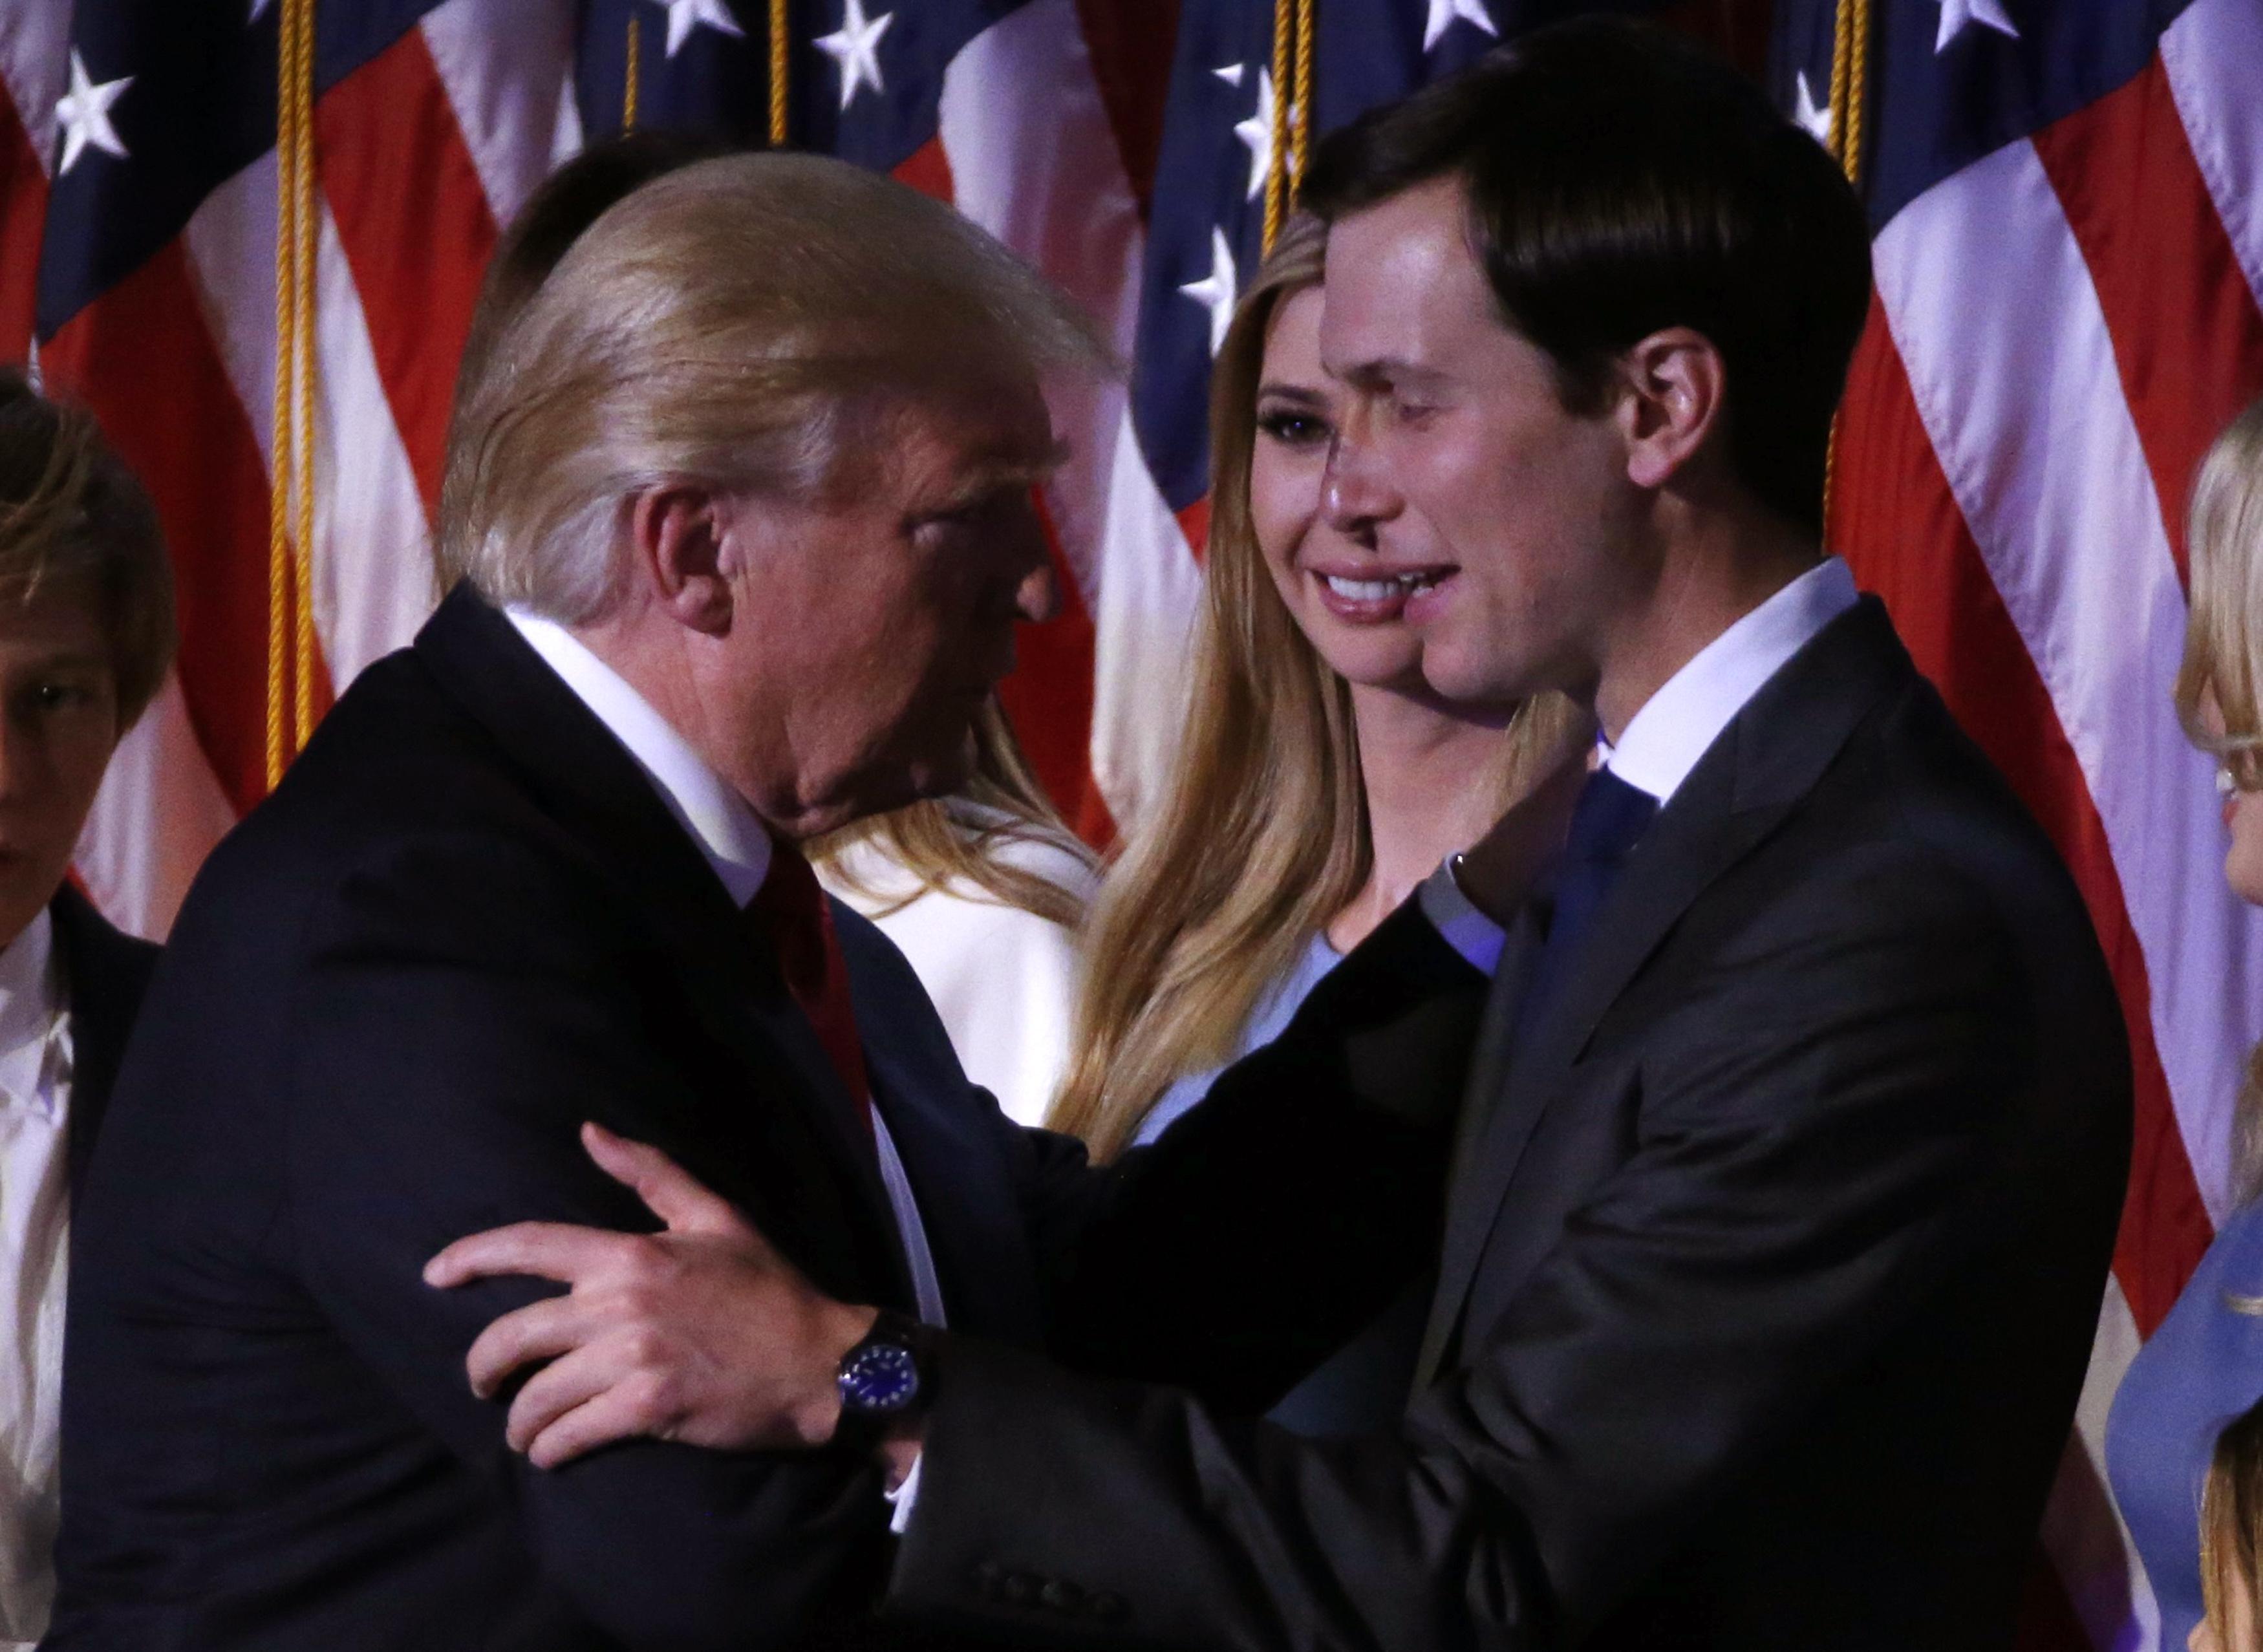 女婿库什纳准备在特朗普总统任期内发挥影响力